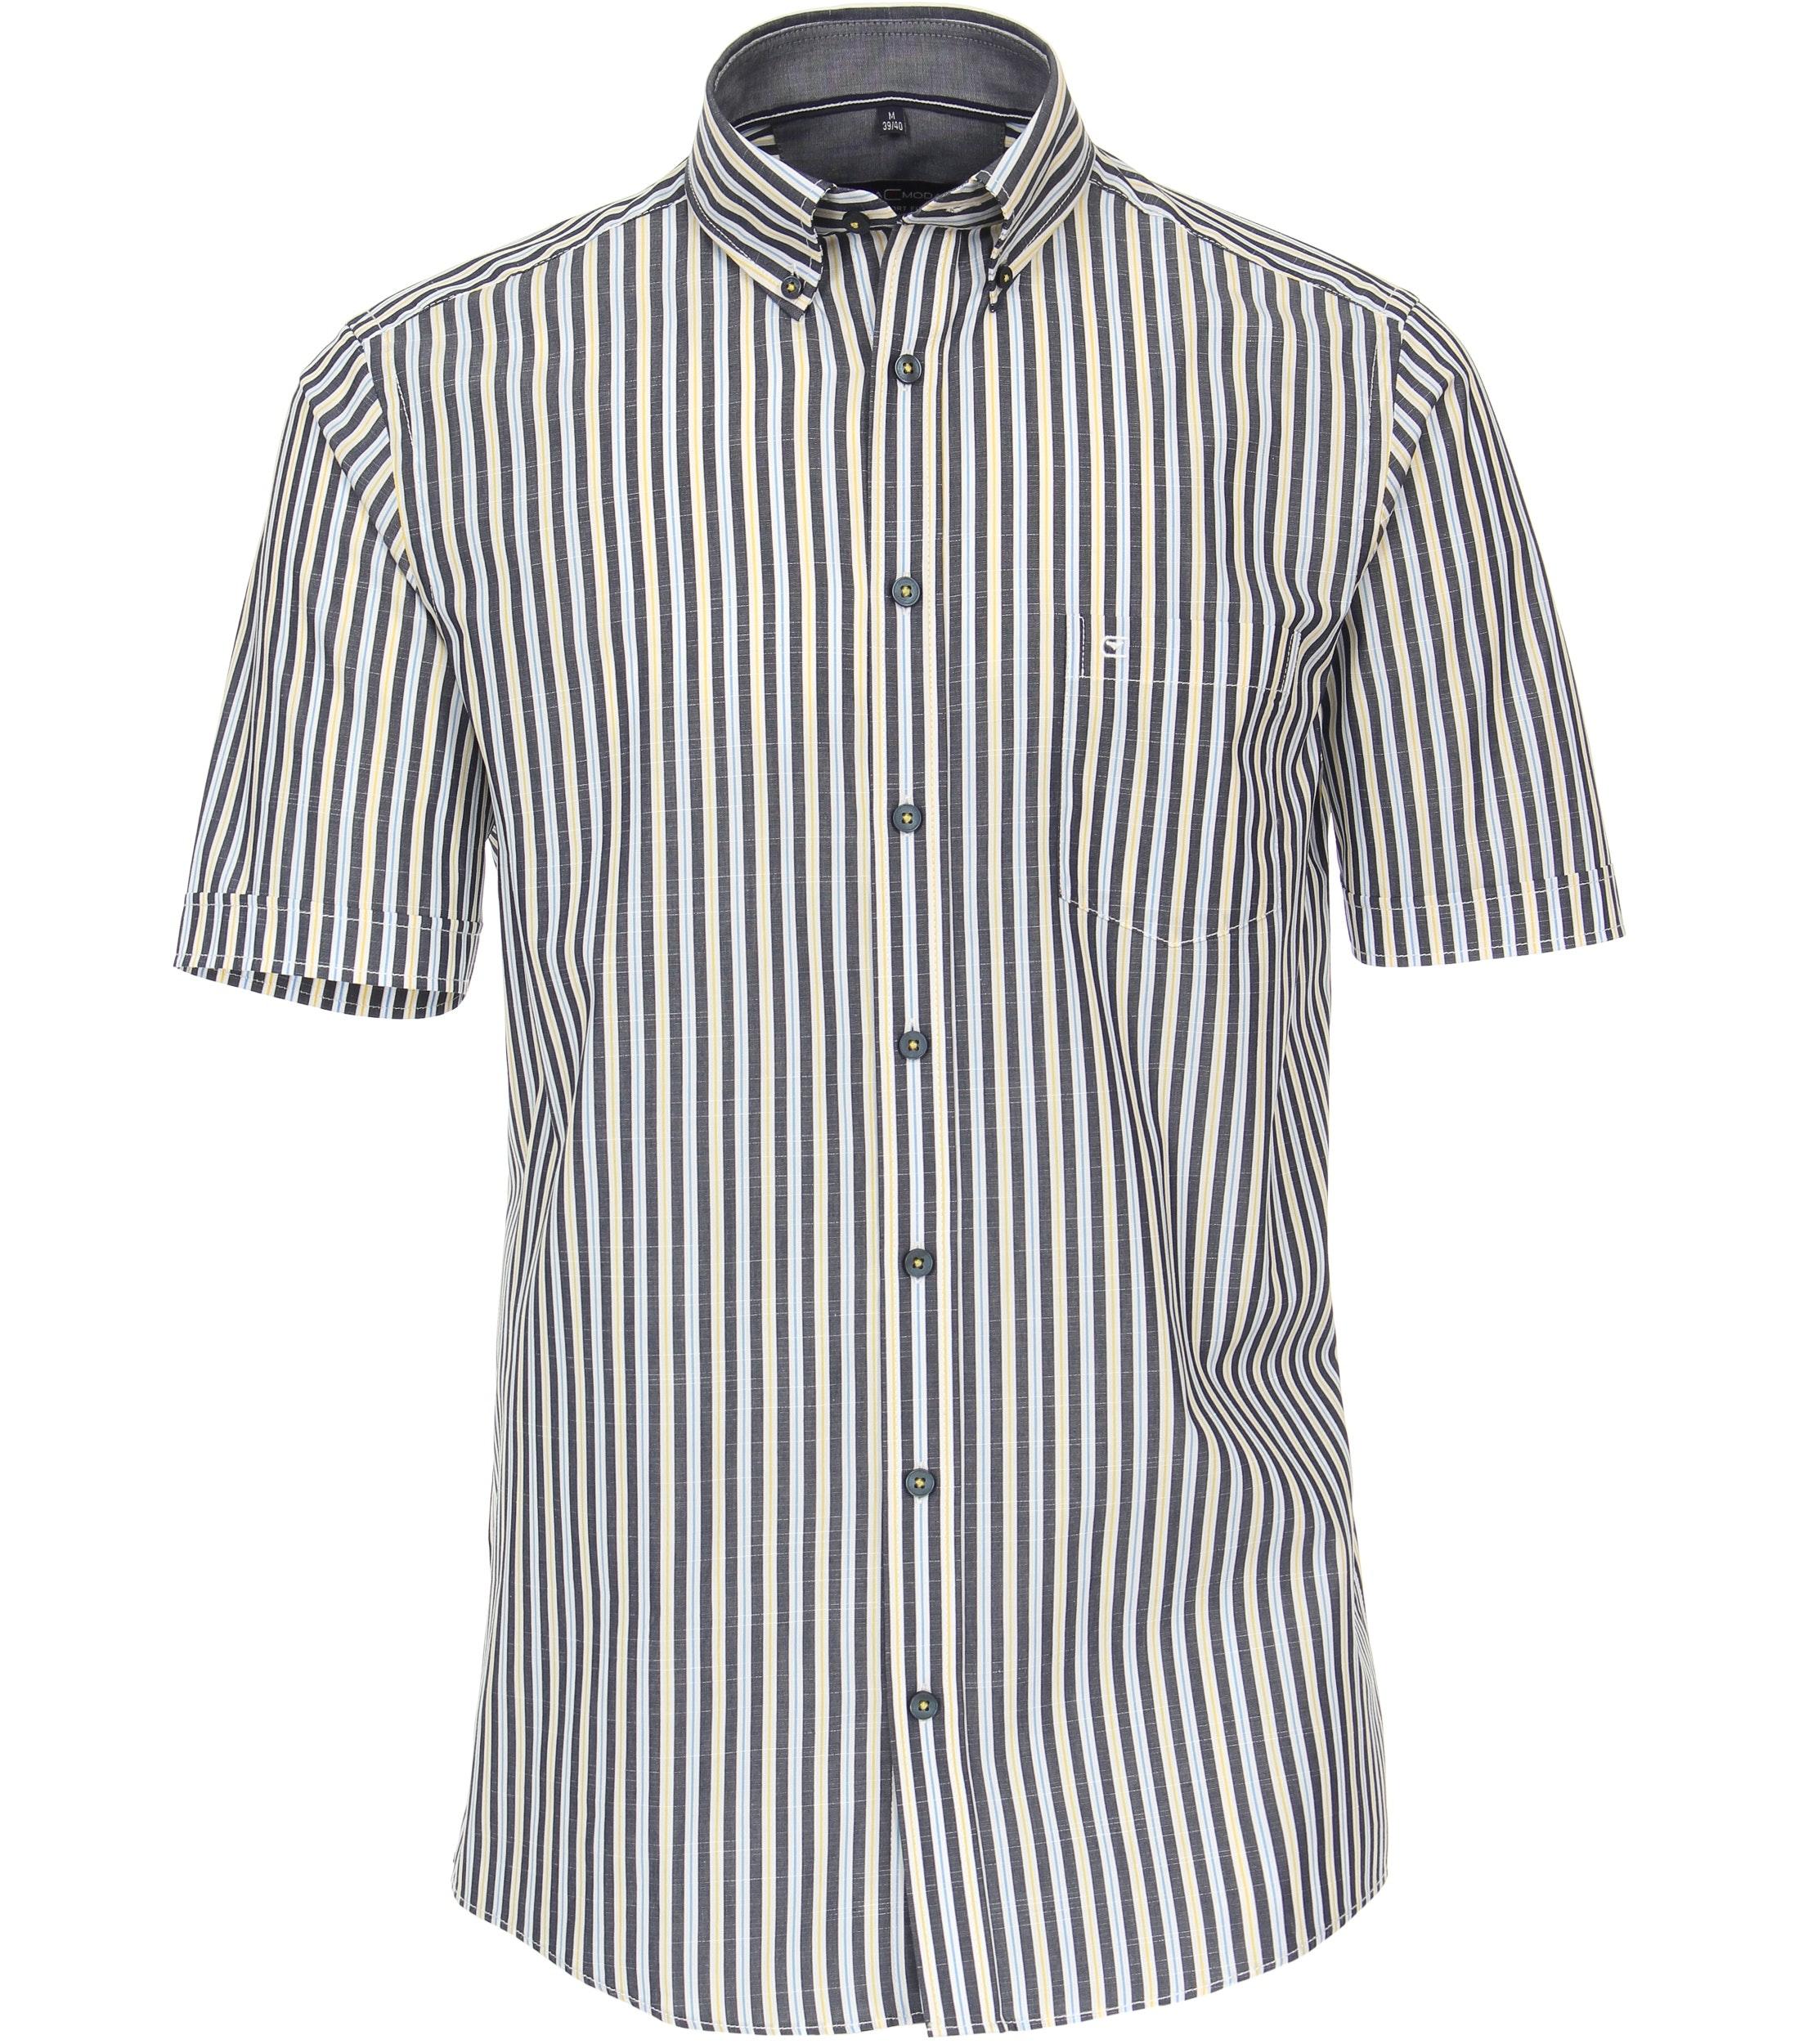 Overhemd met korte mouw van merk CASA MODA in de kleur lichtblauw, gemaakt van 100% katoen. Dit modieuze vrijetijdsshirt met comfortabele pasvorm is gemaakt van puur katoen en is uiterst comfortabel om te dragen. Het moderne streeppatroon maakt het de perfecte aanvulling op elke casual look en mag daarom niet ontbreken in elke garderobe. Met jeans of chino's, met dit shirt wordt elke outfit een echte eye catcher.